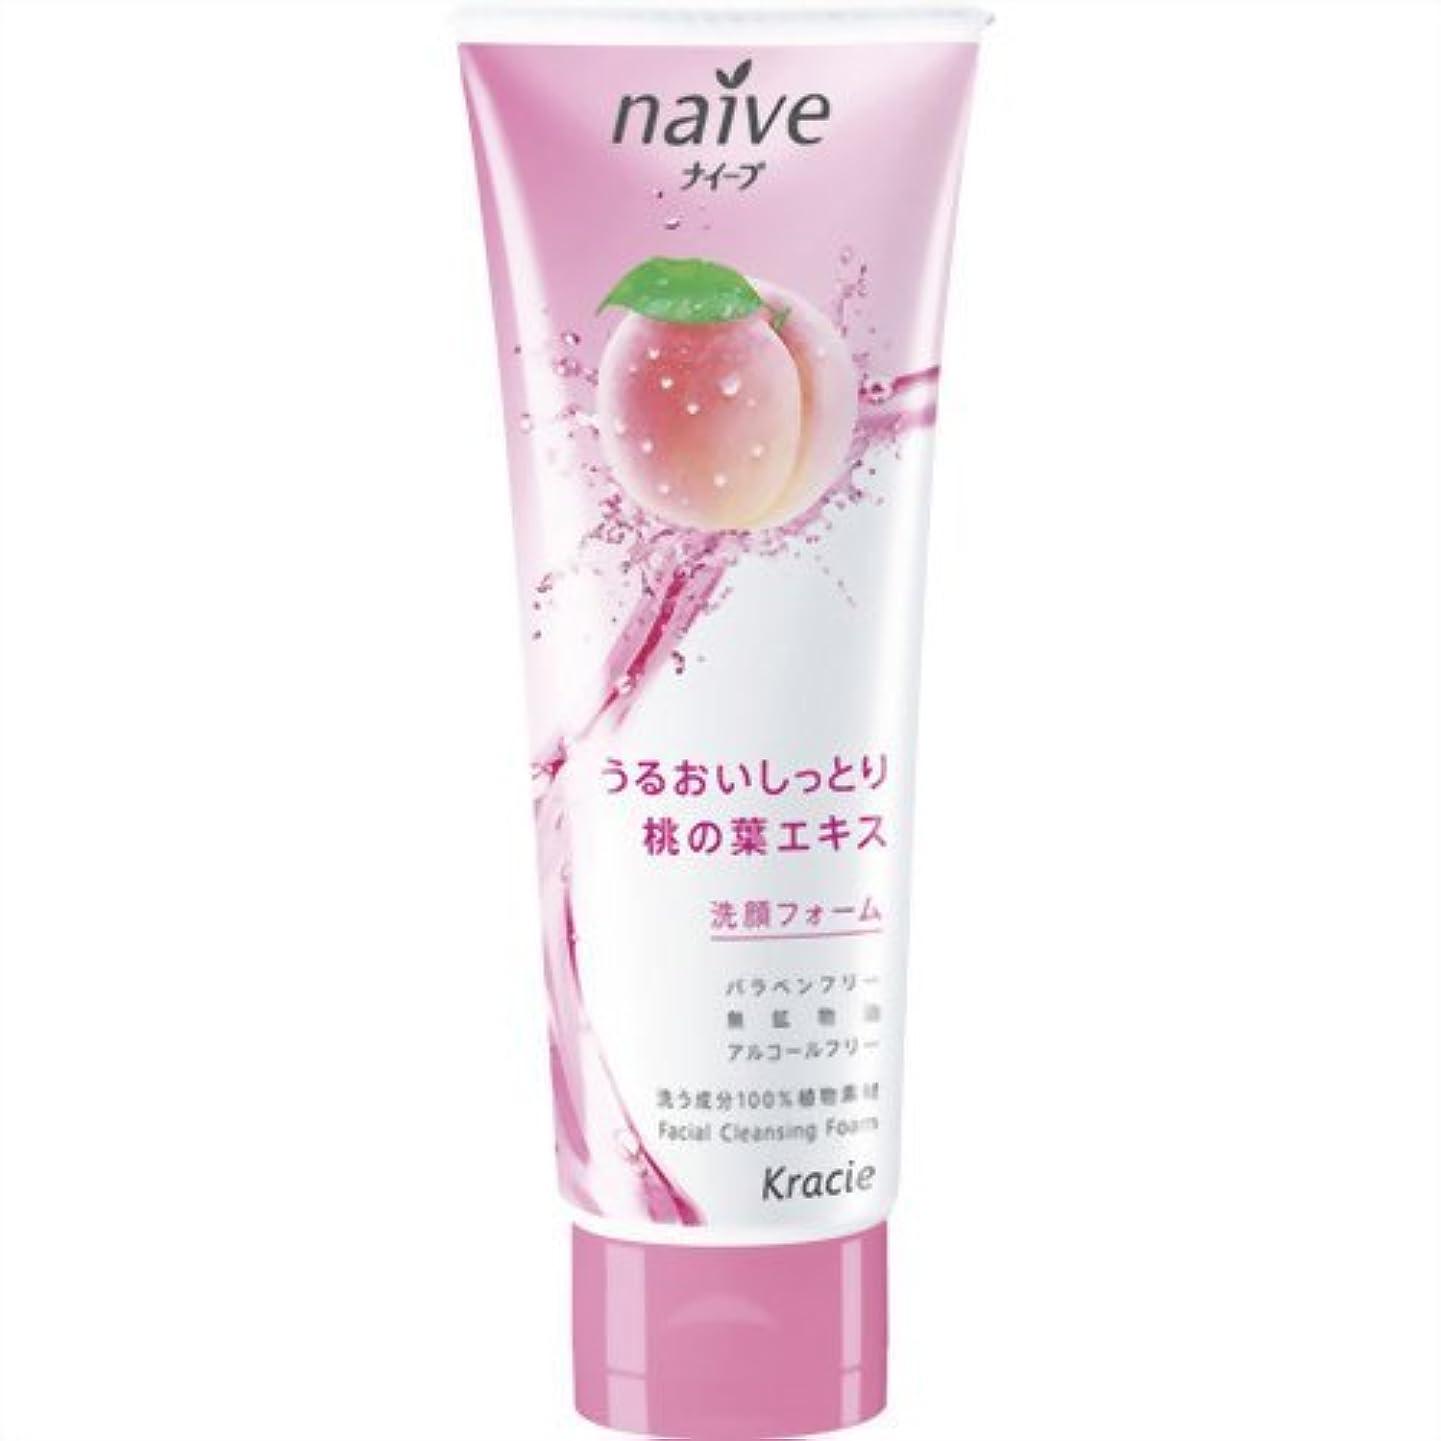 派生する道を作るはしごナイーブ 洗顔フォーム (桃の葉エキス配合) 110g